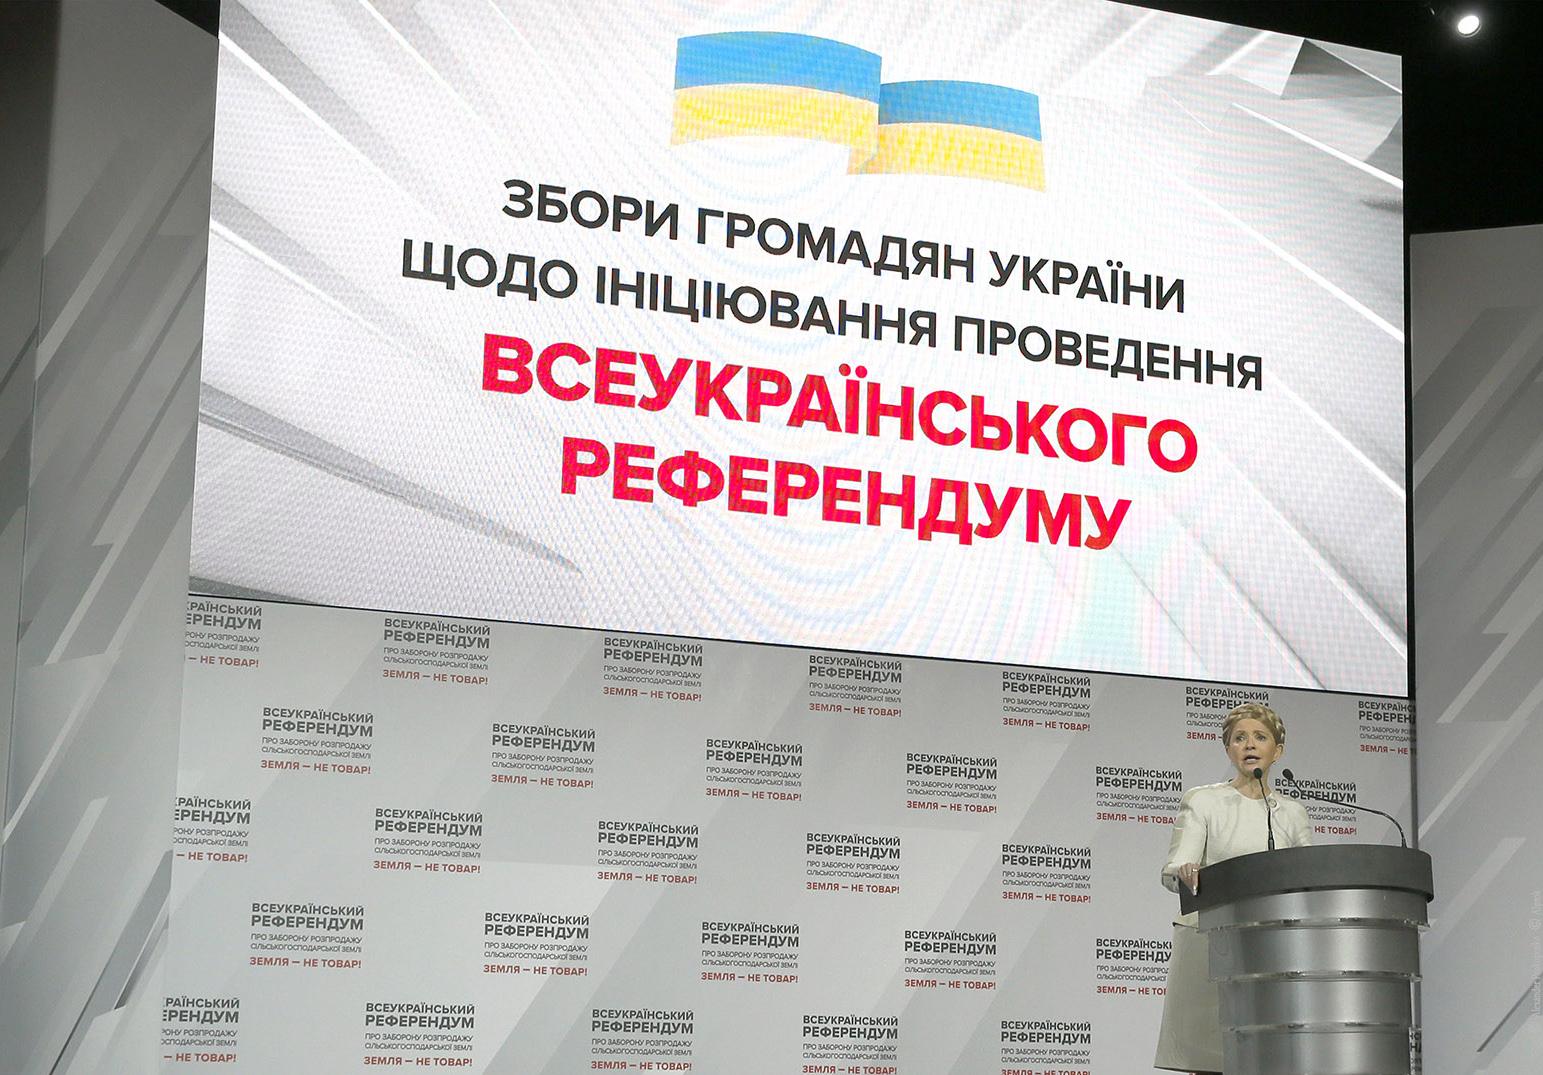 Инициированный Юлией Тимошенко референдум может закрыть рынок земли в Украине